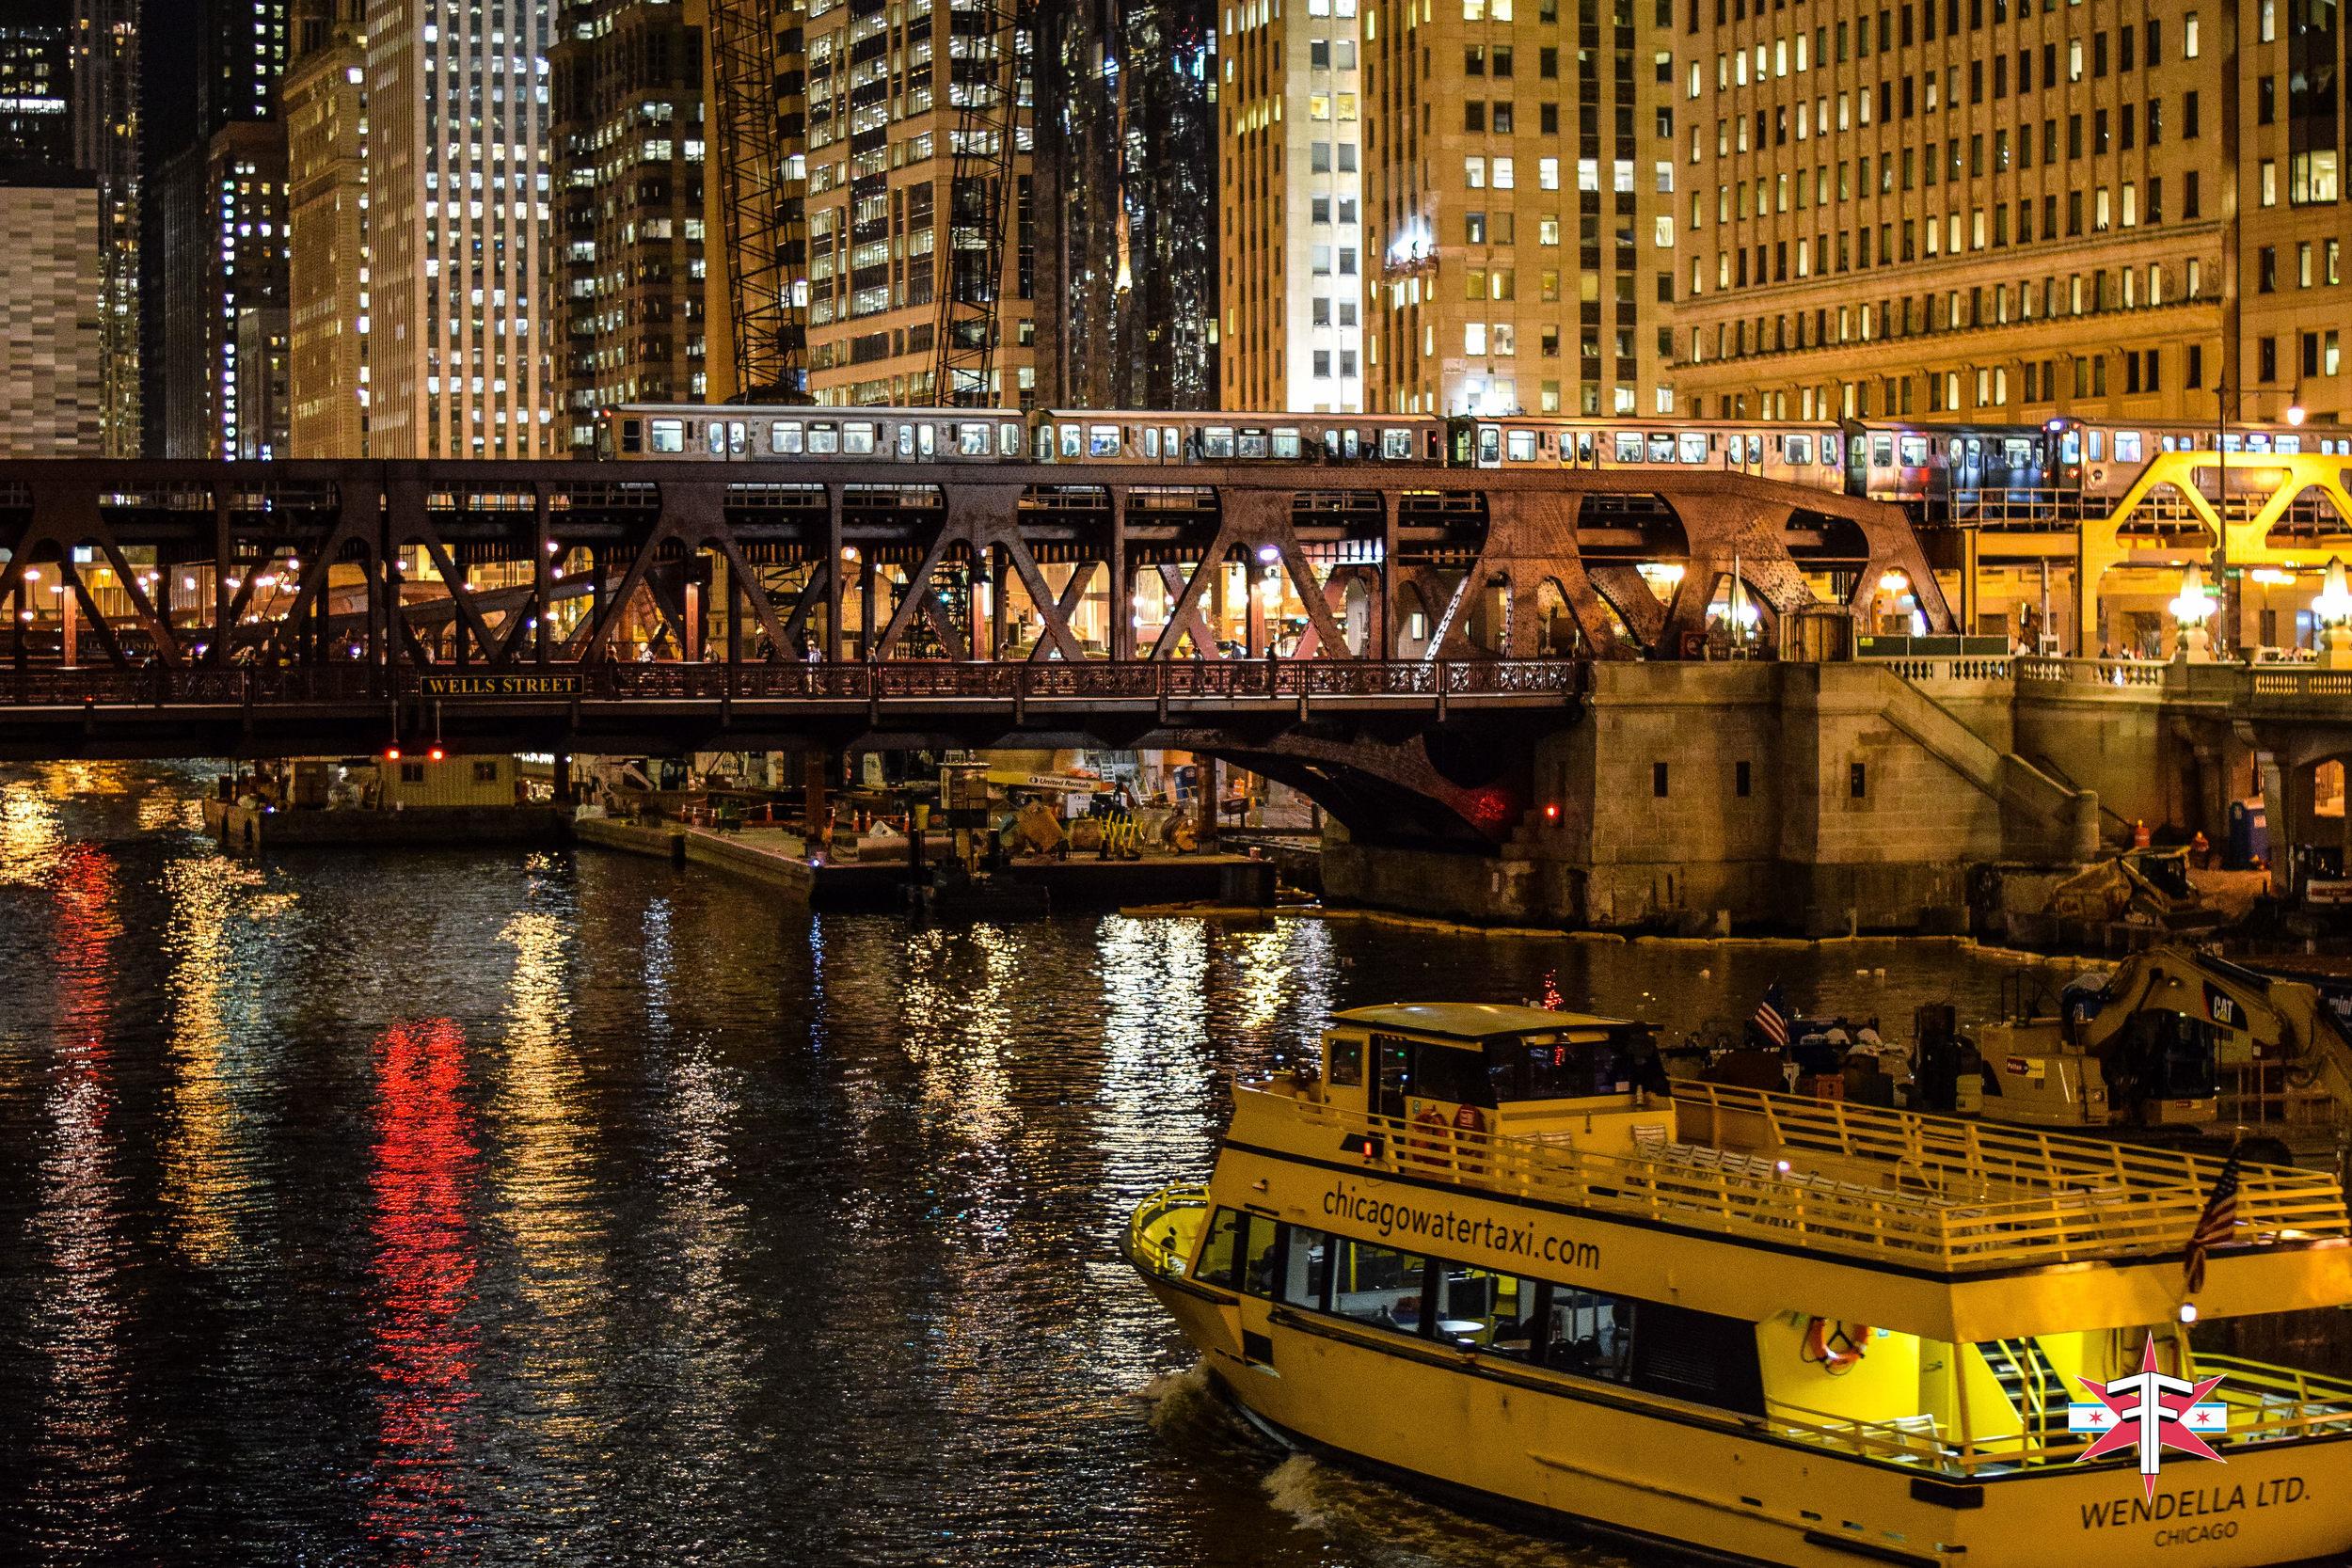 chicago art architecture eric formato photography design arquitectura architettura buildings skyscraper skyscrapers-121.jpg